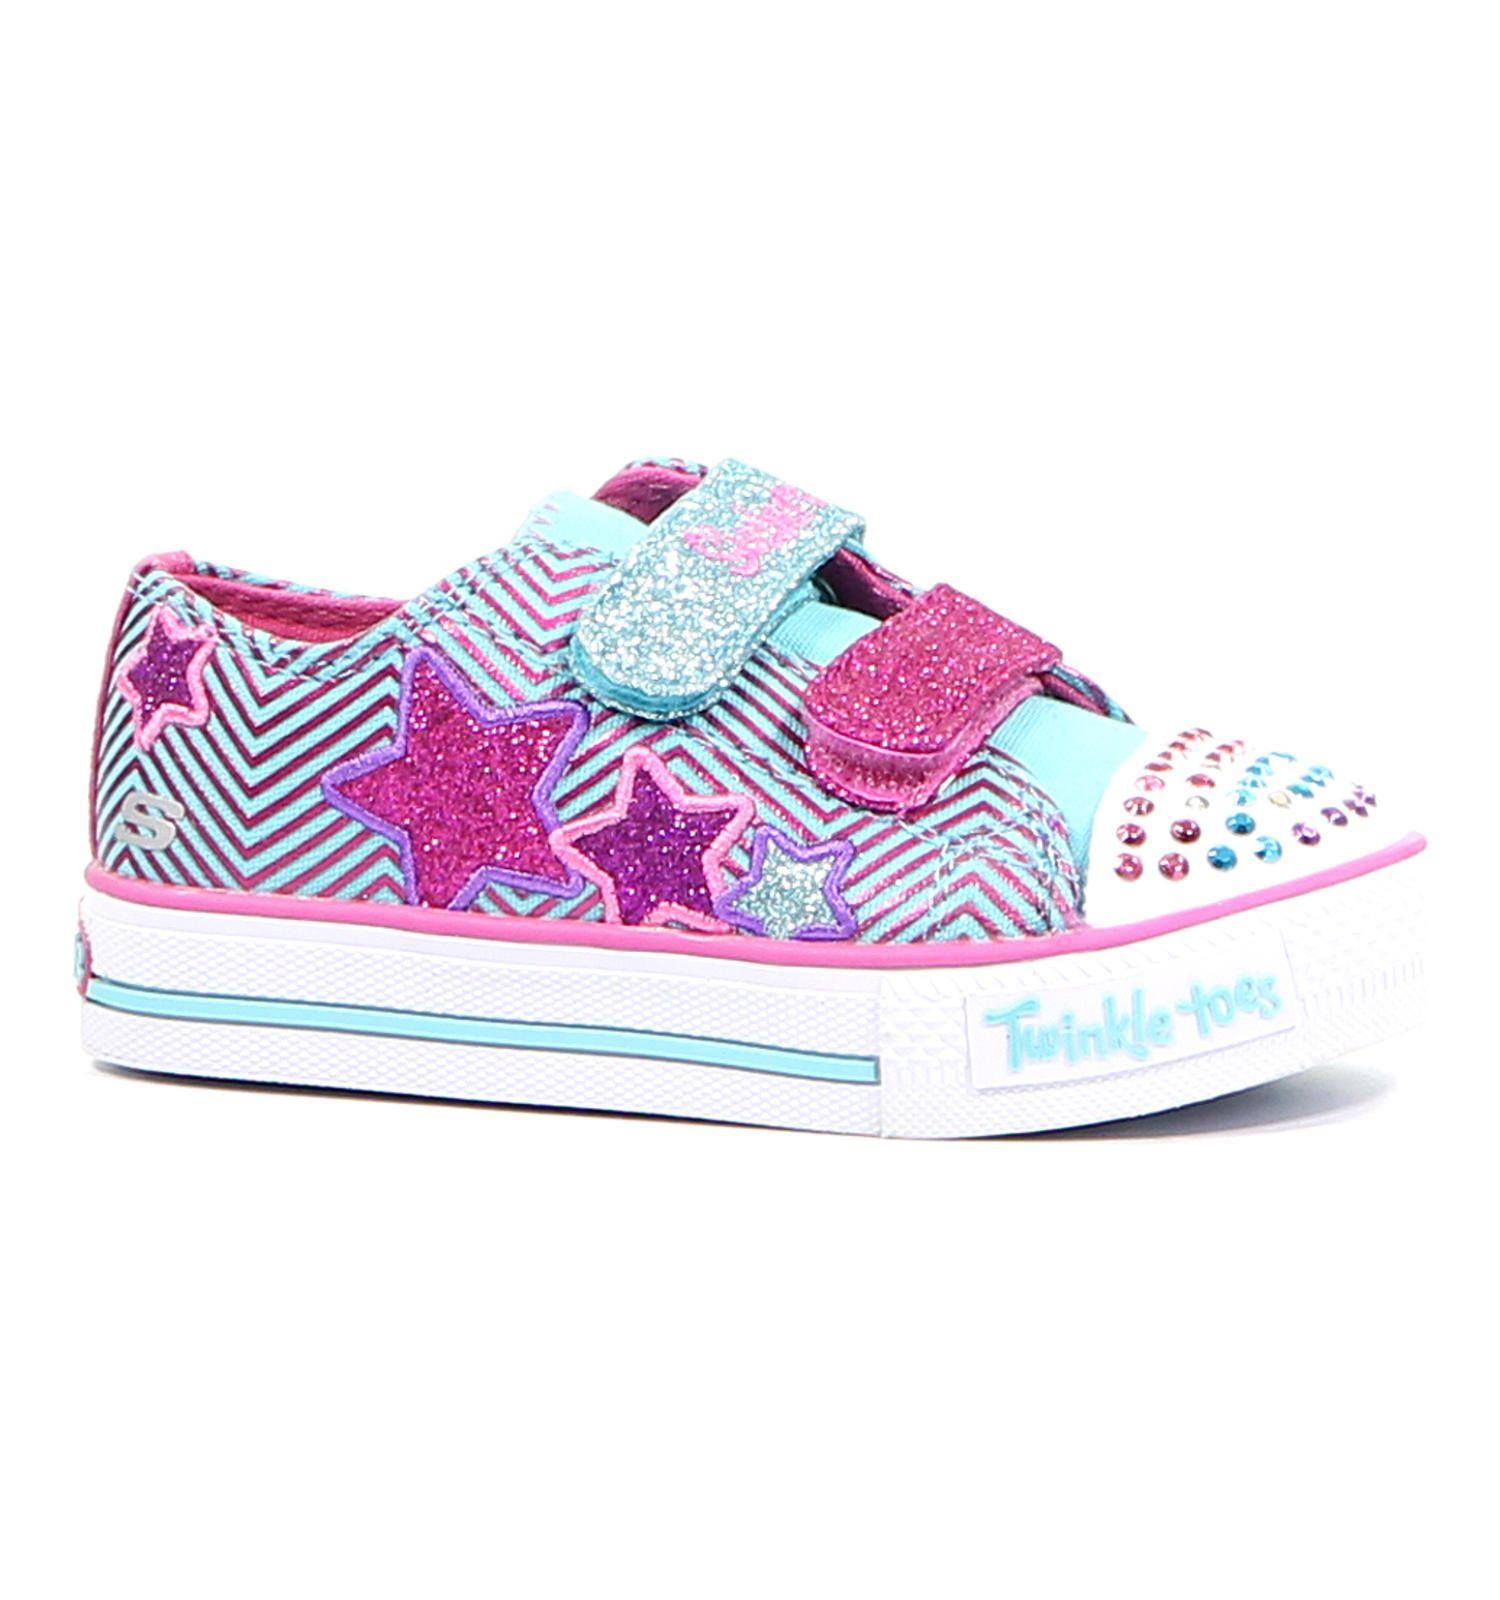 skechers | home meisjesschoenen skechers skechers velcro